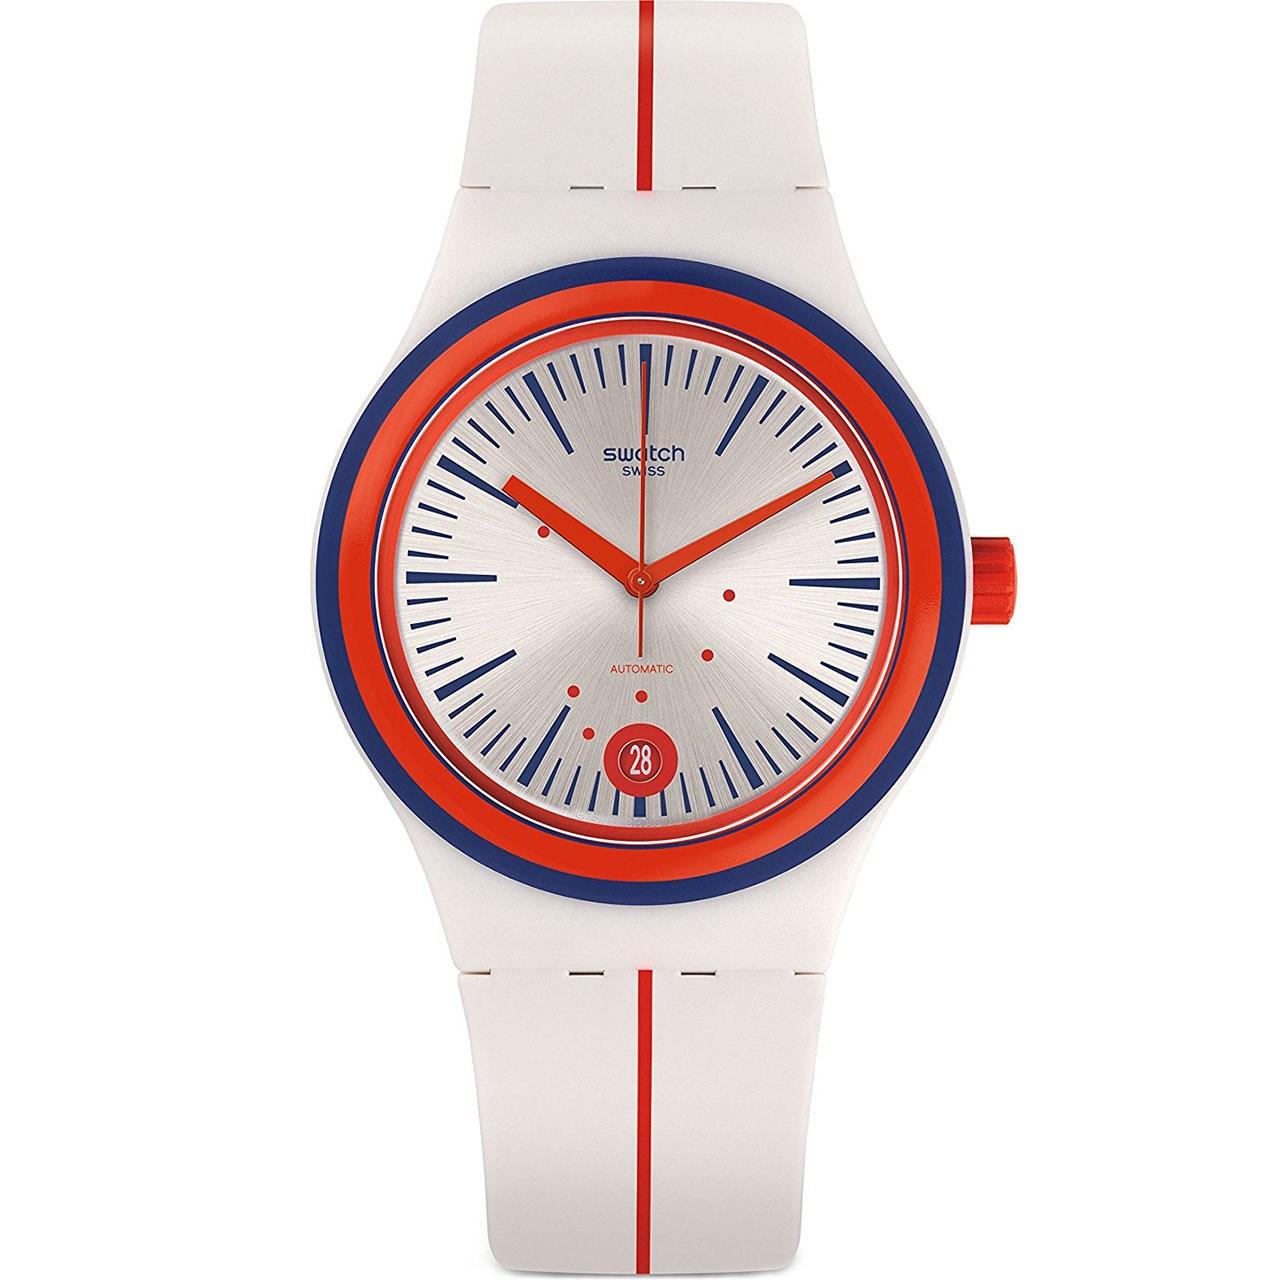 ساعت مچی عقربه ای مردانه سواچ مدل SUTW402 17